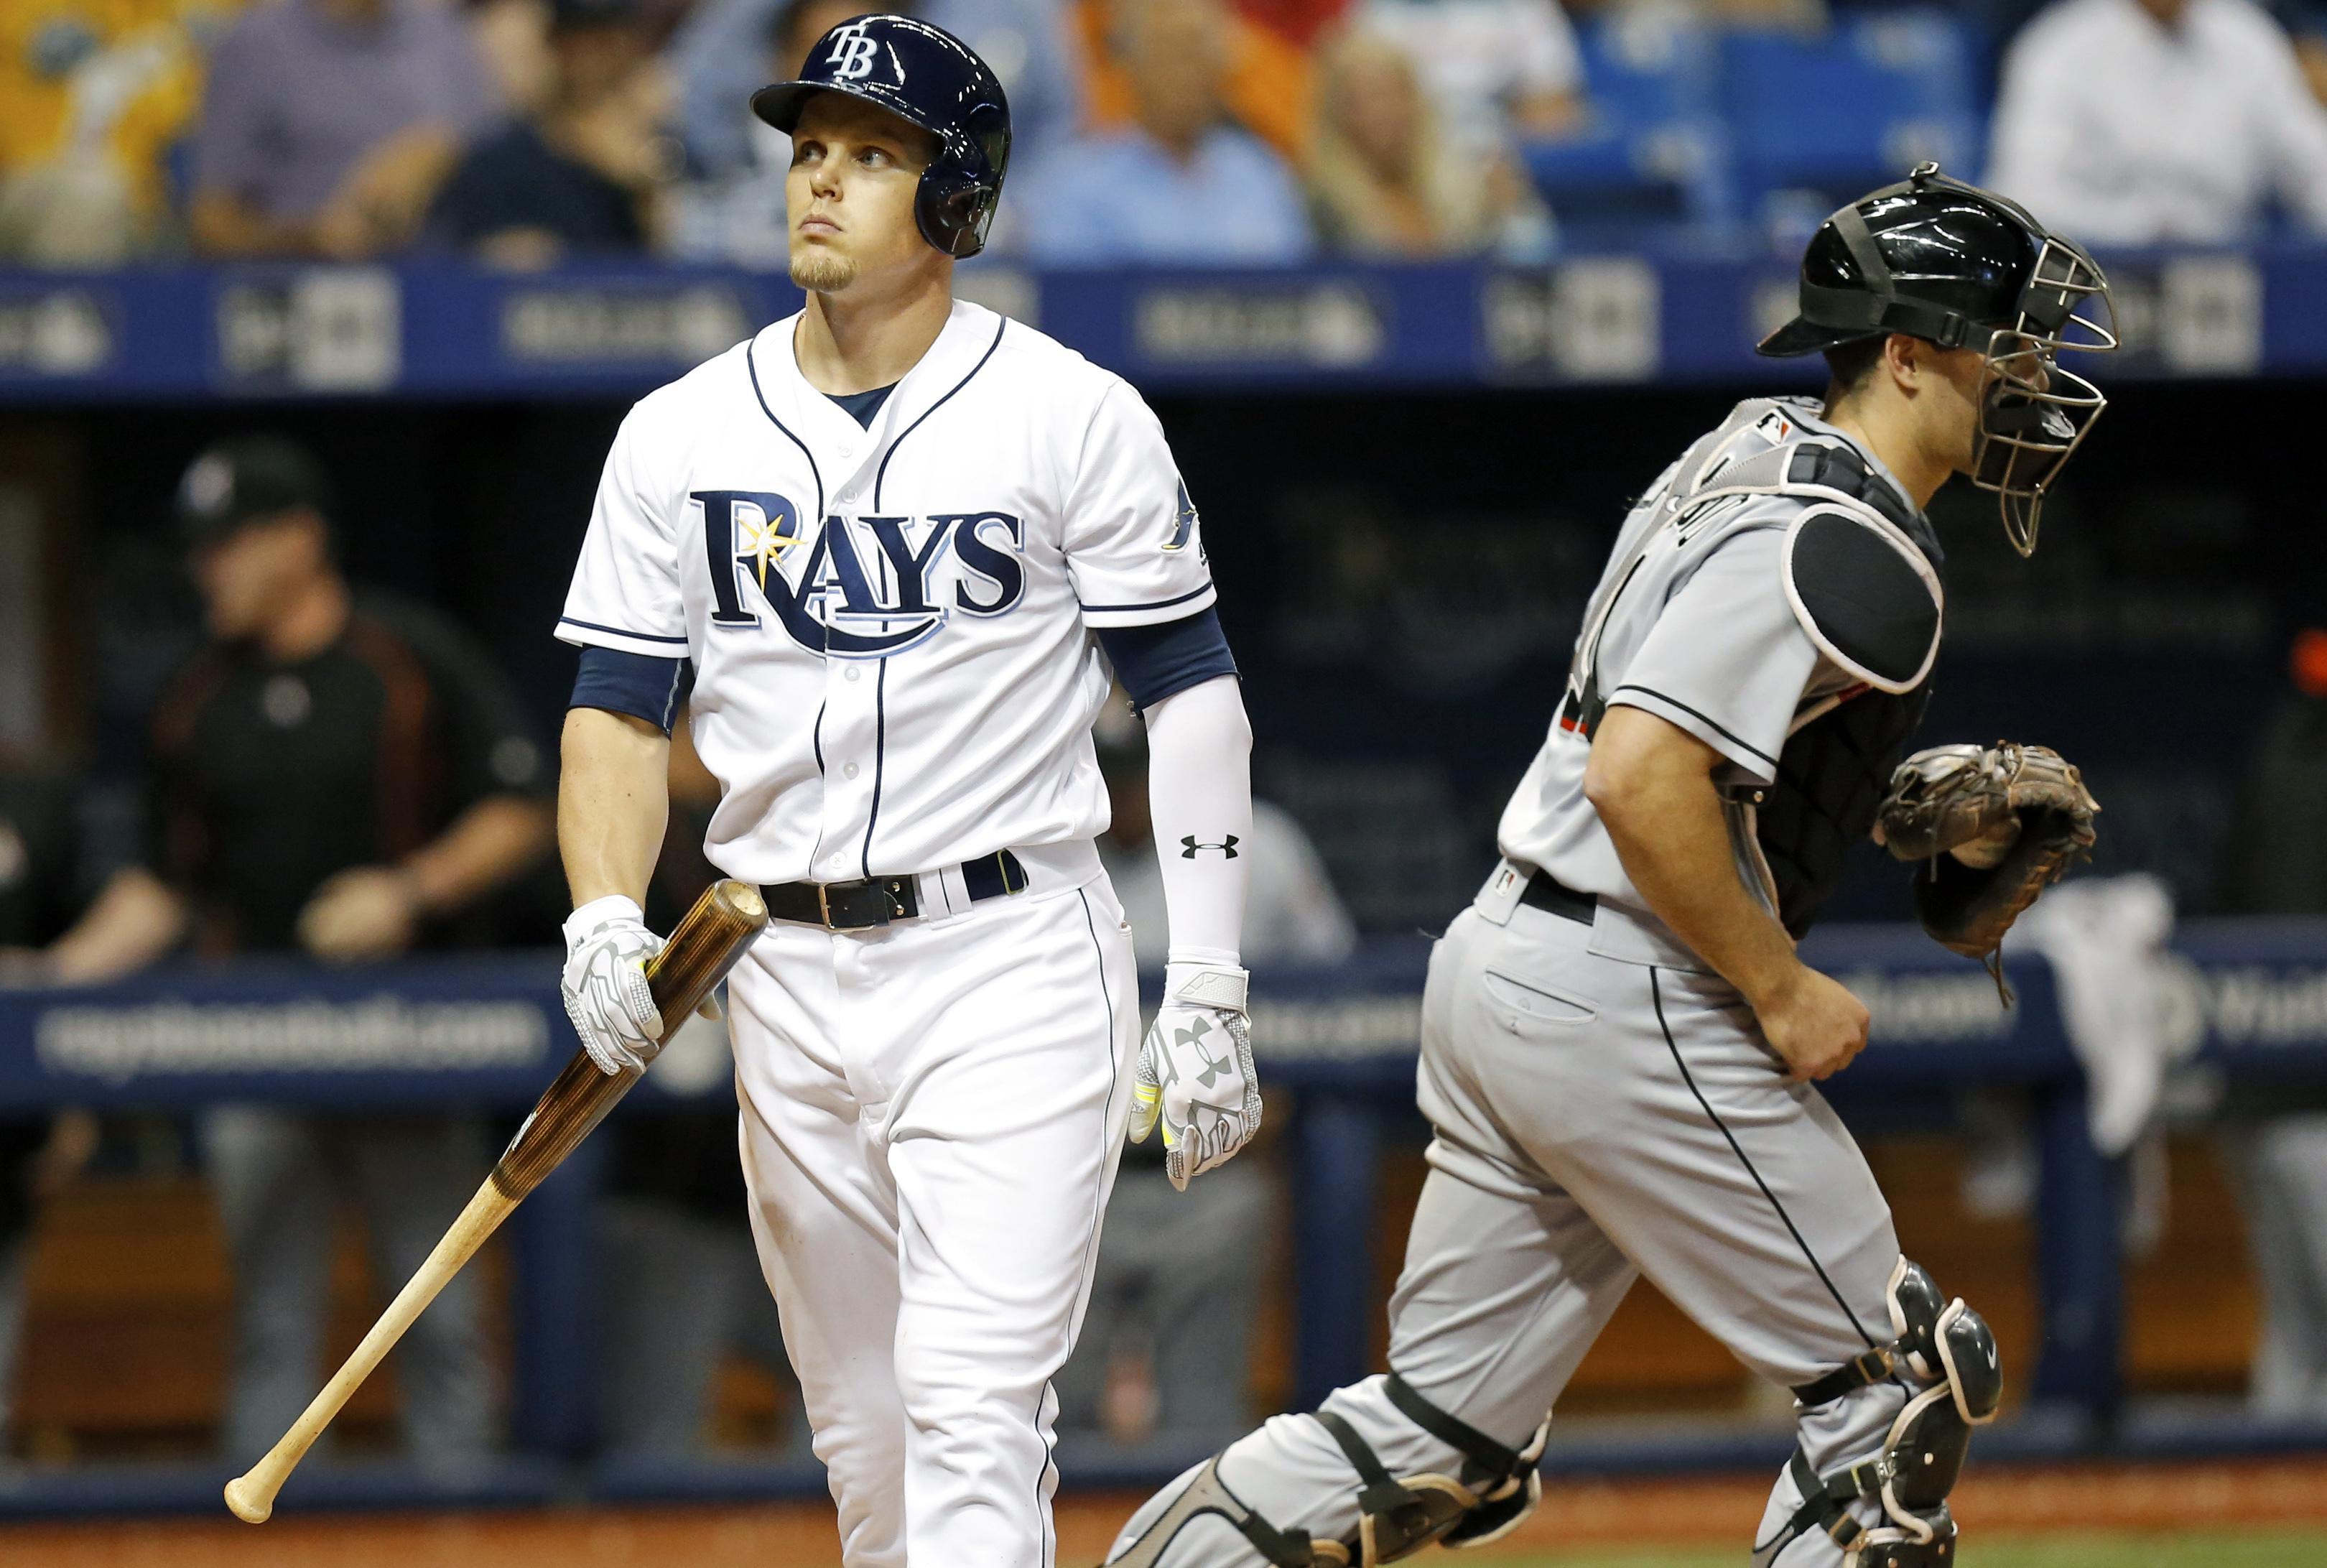 Marlins_rays_baseball